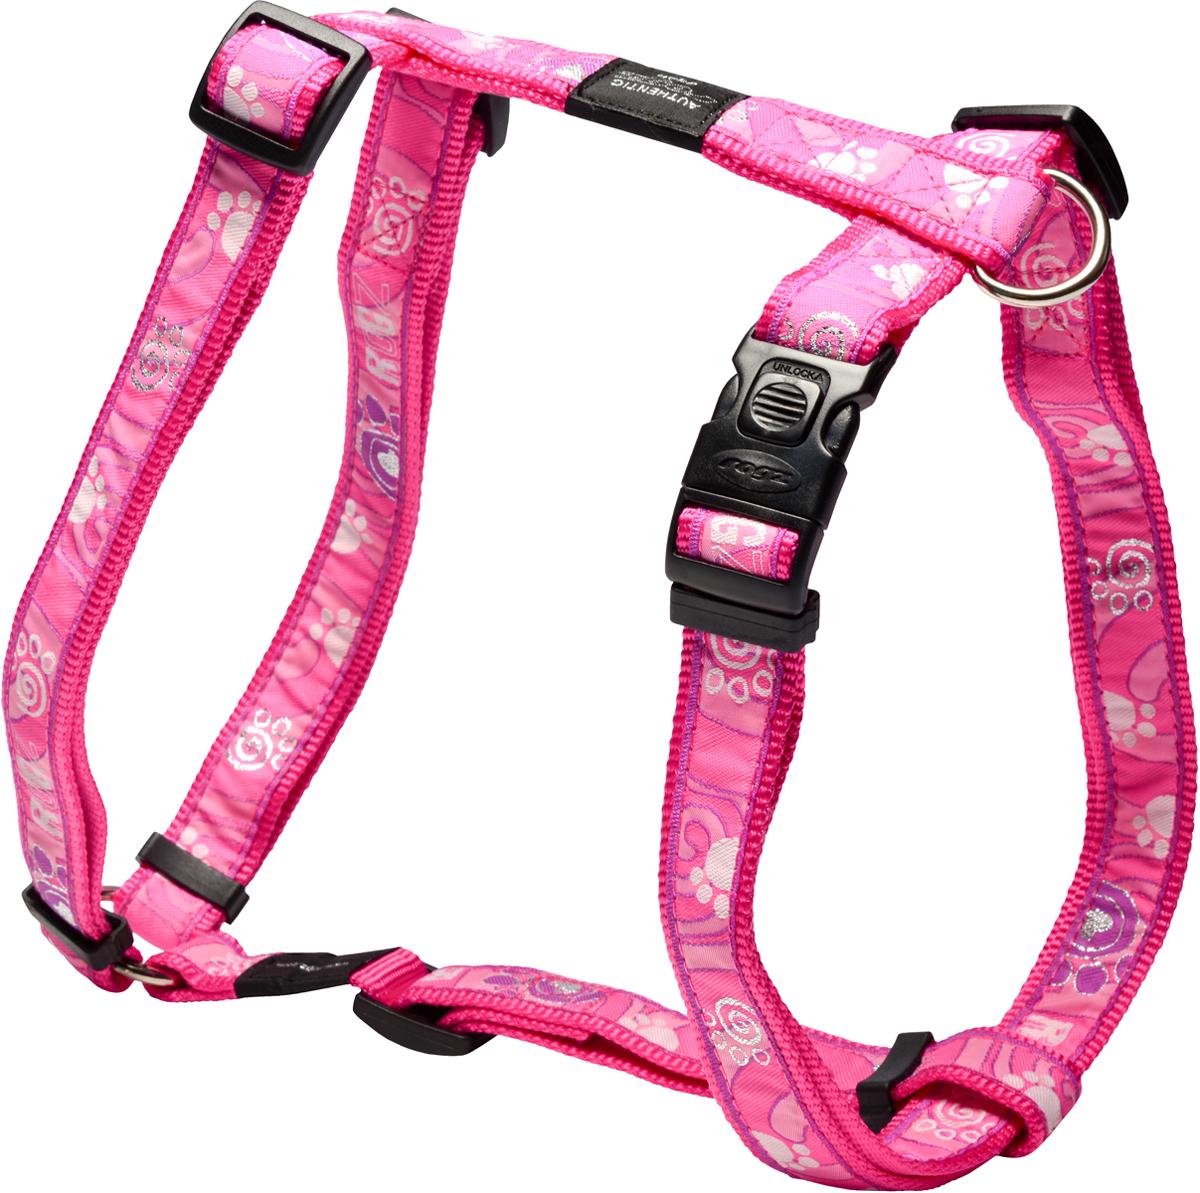 Шлейка для собак Rogz Fancy Dress, цвет: розовый, ширина 2,5 смSJ02CAШлейка для собак Rogz Fancy Dress имеет необычный дизайн. Широкая гамма потрясающе красивых орнаментов на прочной тесьме поверх нейлоновой ленты украсит вашего питомца.Застегивается, не доставляя неудобство собаке.Специальная конструкция пряжки Rog Loc - очень крепкая(система Fort Knox). Замок может быть расстегнут только рукой человека.С помощью системы ремней изделие подгоняется под животного индивидуально.Необыкновенно крепкая и прочная шлейка.Выполненные по заказу литые кольца выдерживают значительные физические нагрузки и имеют хромирование, нанесенное гальваническим способом, что позволяет избежать коррозии и потускнения изделия.Легко можно прикрепить к ошейнику и поводку.